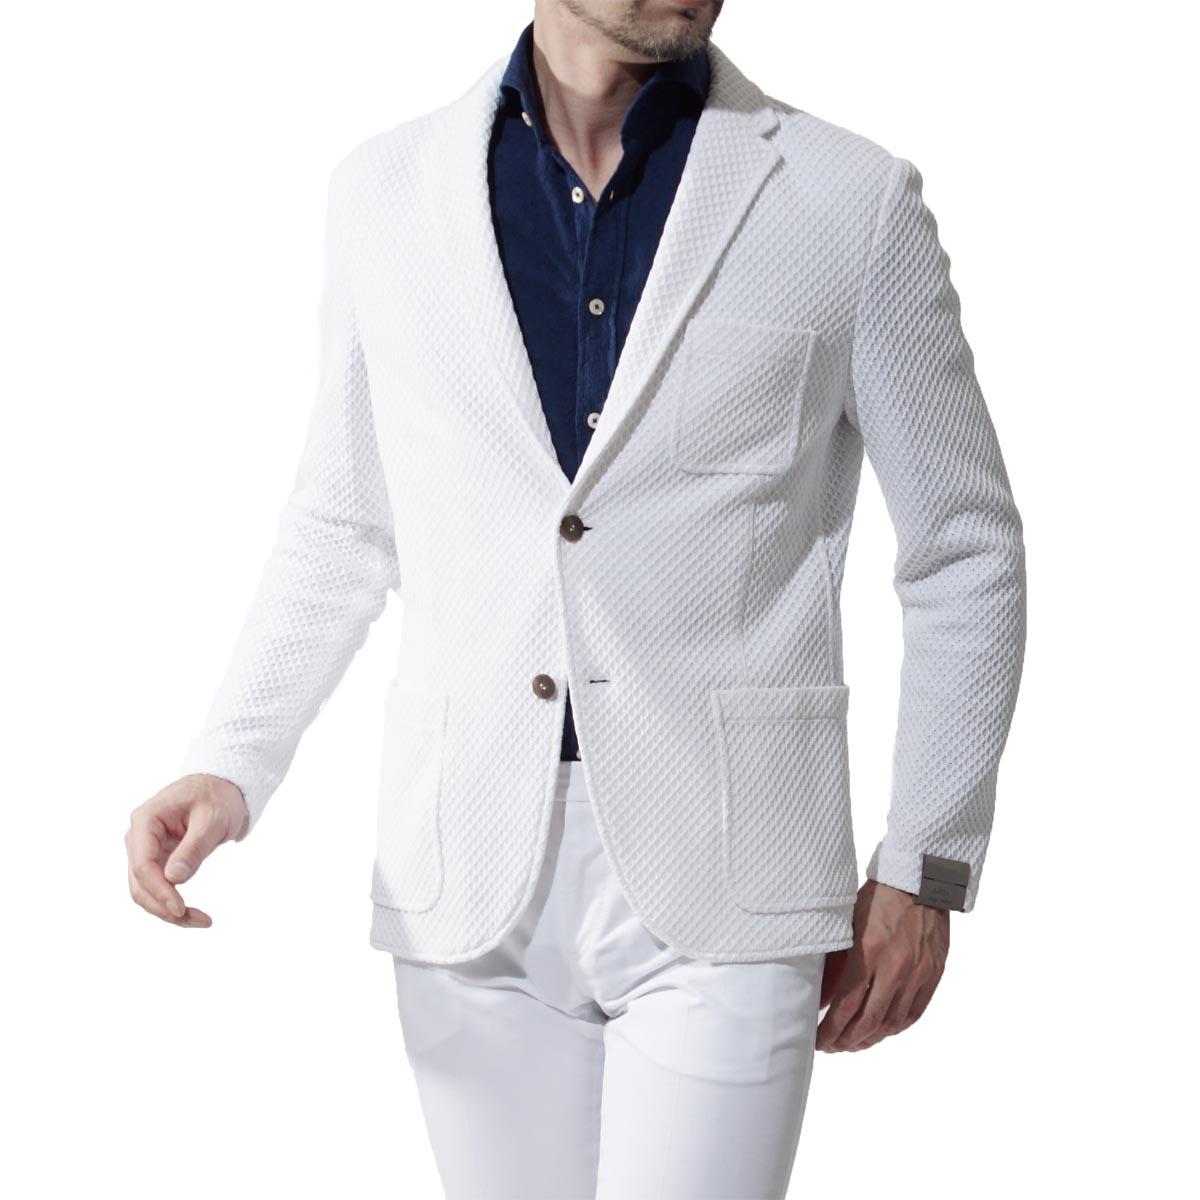 アルテア altea 2つボタンジャケット RELAX WHITE ホワイト系 2118 02 01 メンズ【ラッピング無料】【返品送料無料】【あす楽対応_関東】:モダンブルー